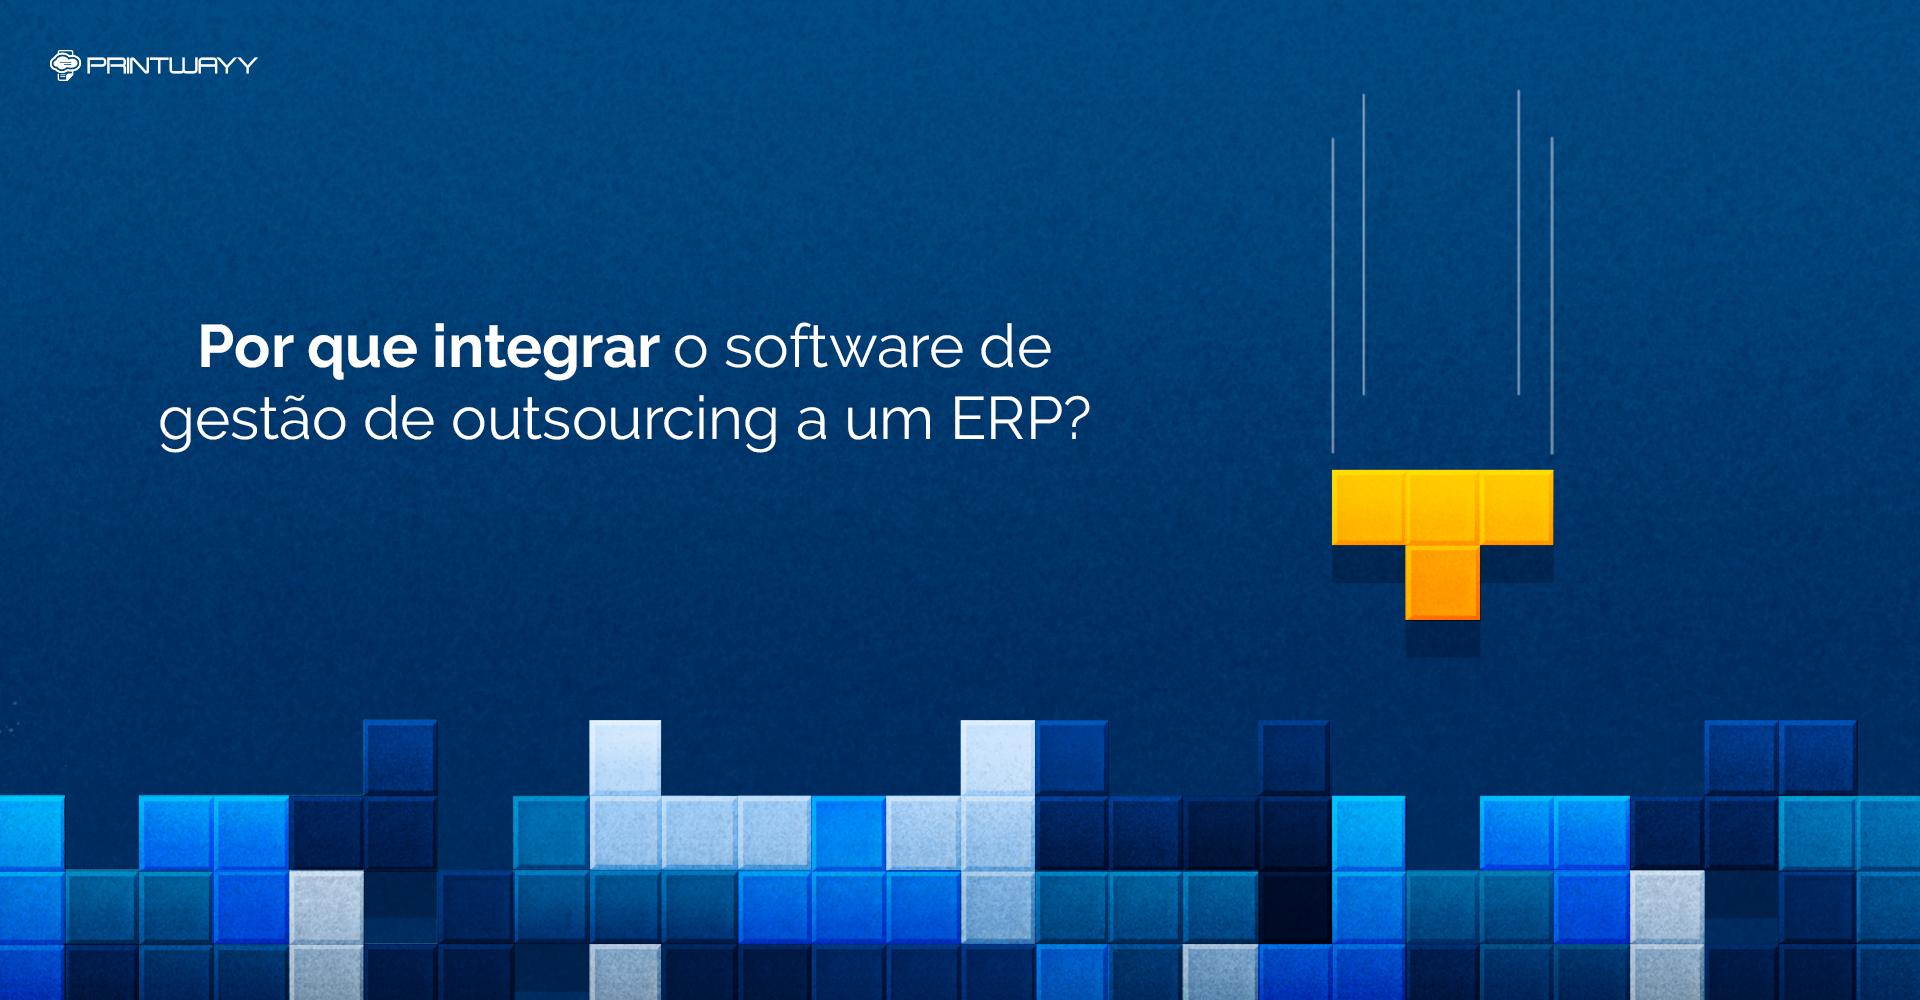 Por que integrar o software de gestão de outsourcing a um ERP?